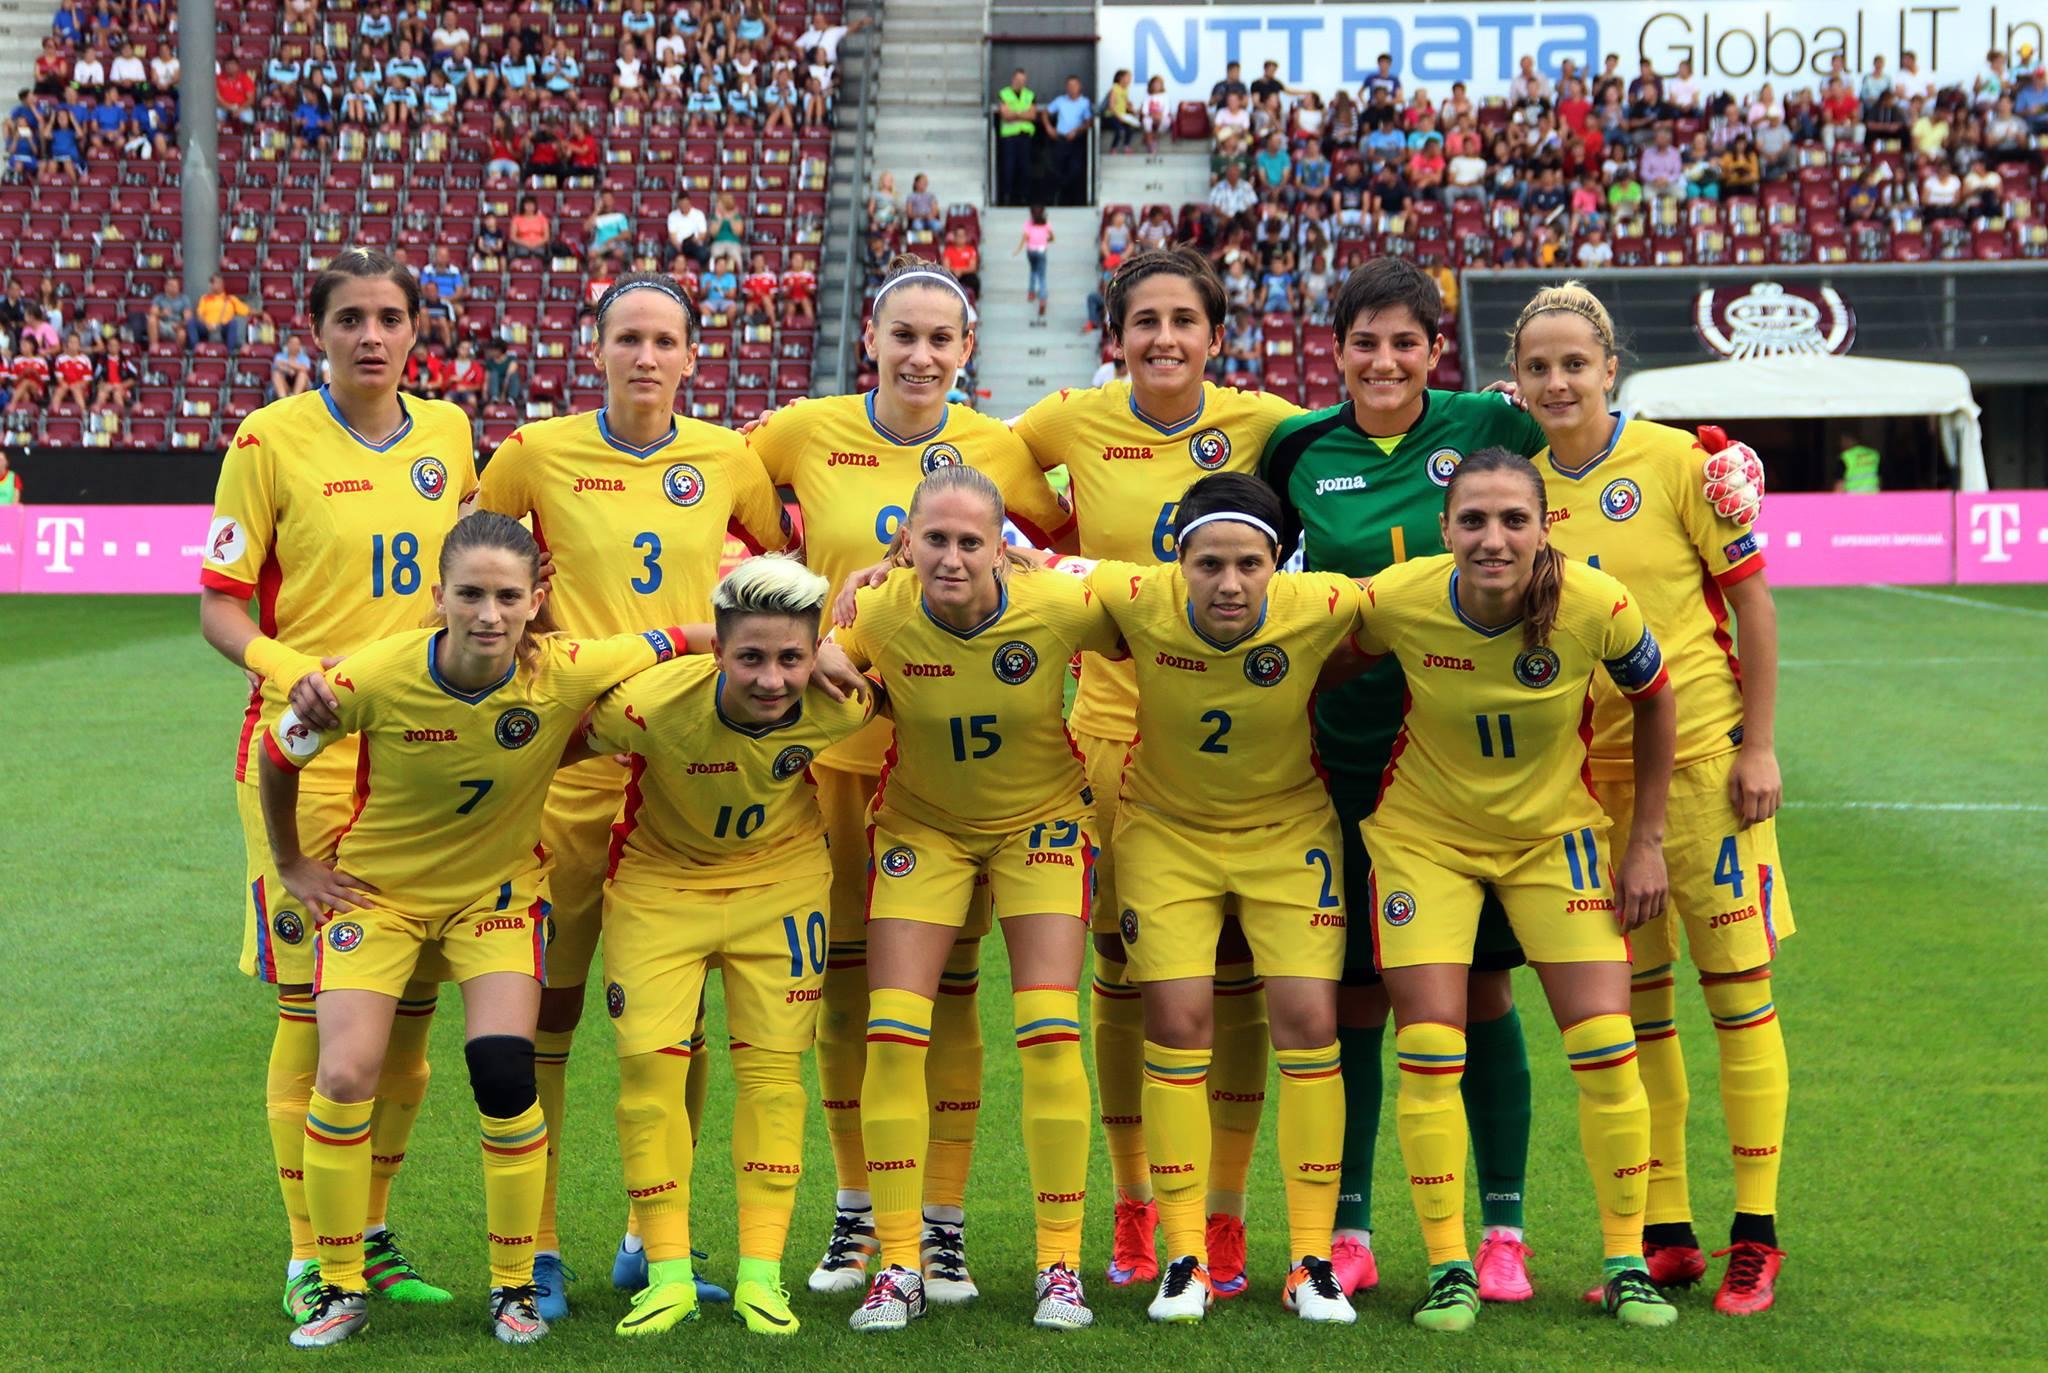 Echipa naţională feminină de fotbal a României este la 90 de minute de o calificare istorică la un turneu final de Campionat European / Foto: Dan Bodea